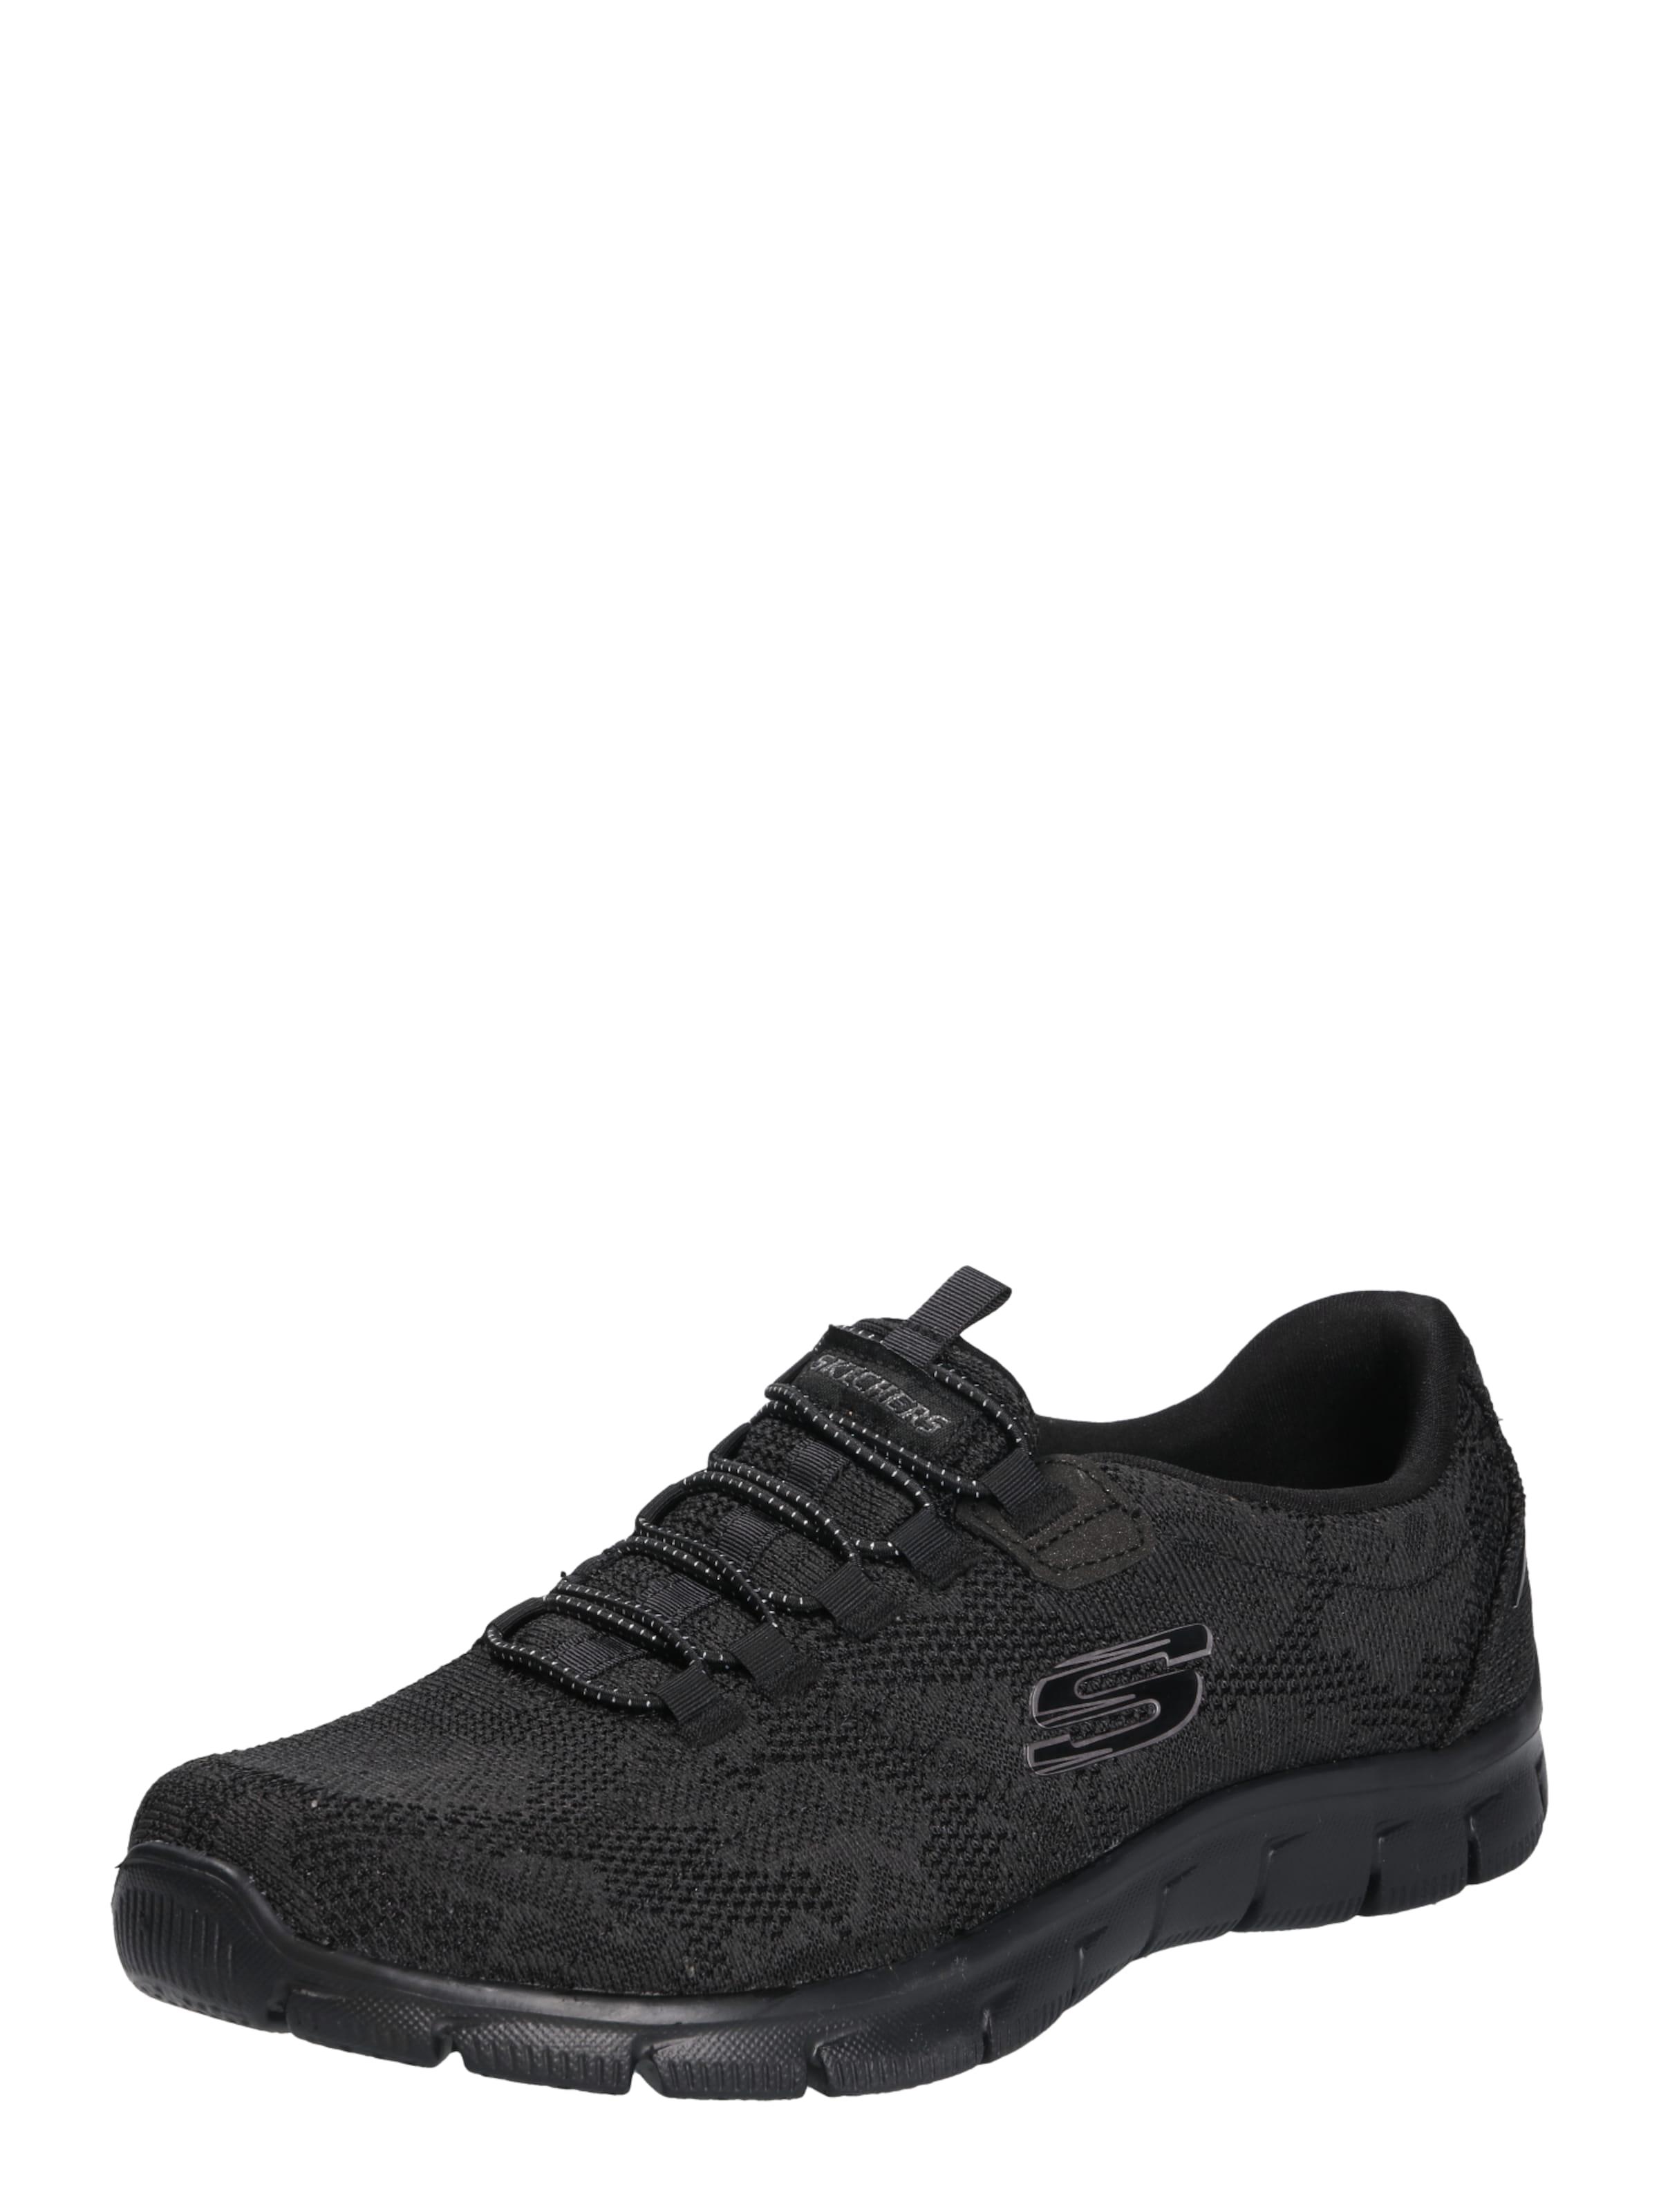 Sneaker Sneaker In Sneaker Schwarz Schwarz Skechers 'empire' Skechers 'empire' Skechers In 'empire' In PkuXOZi